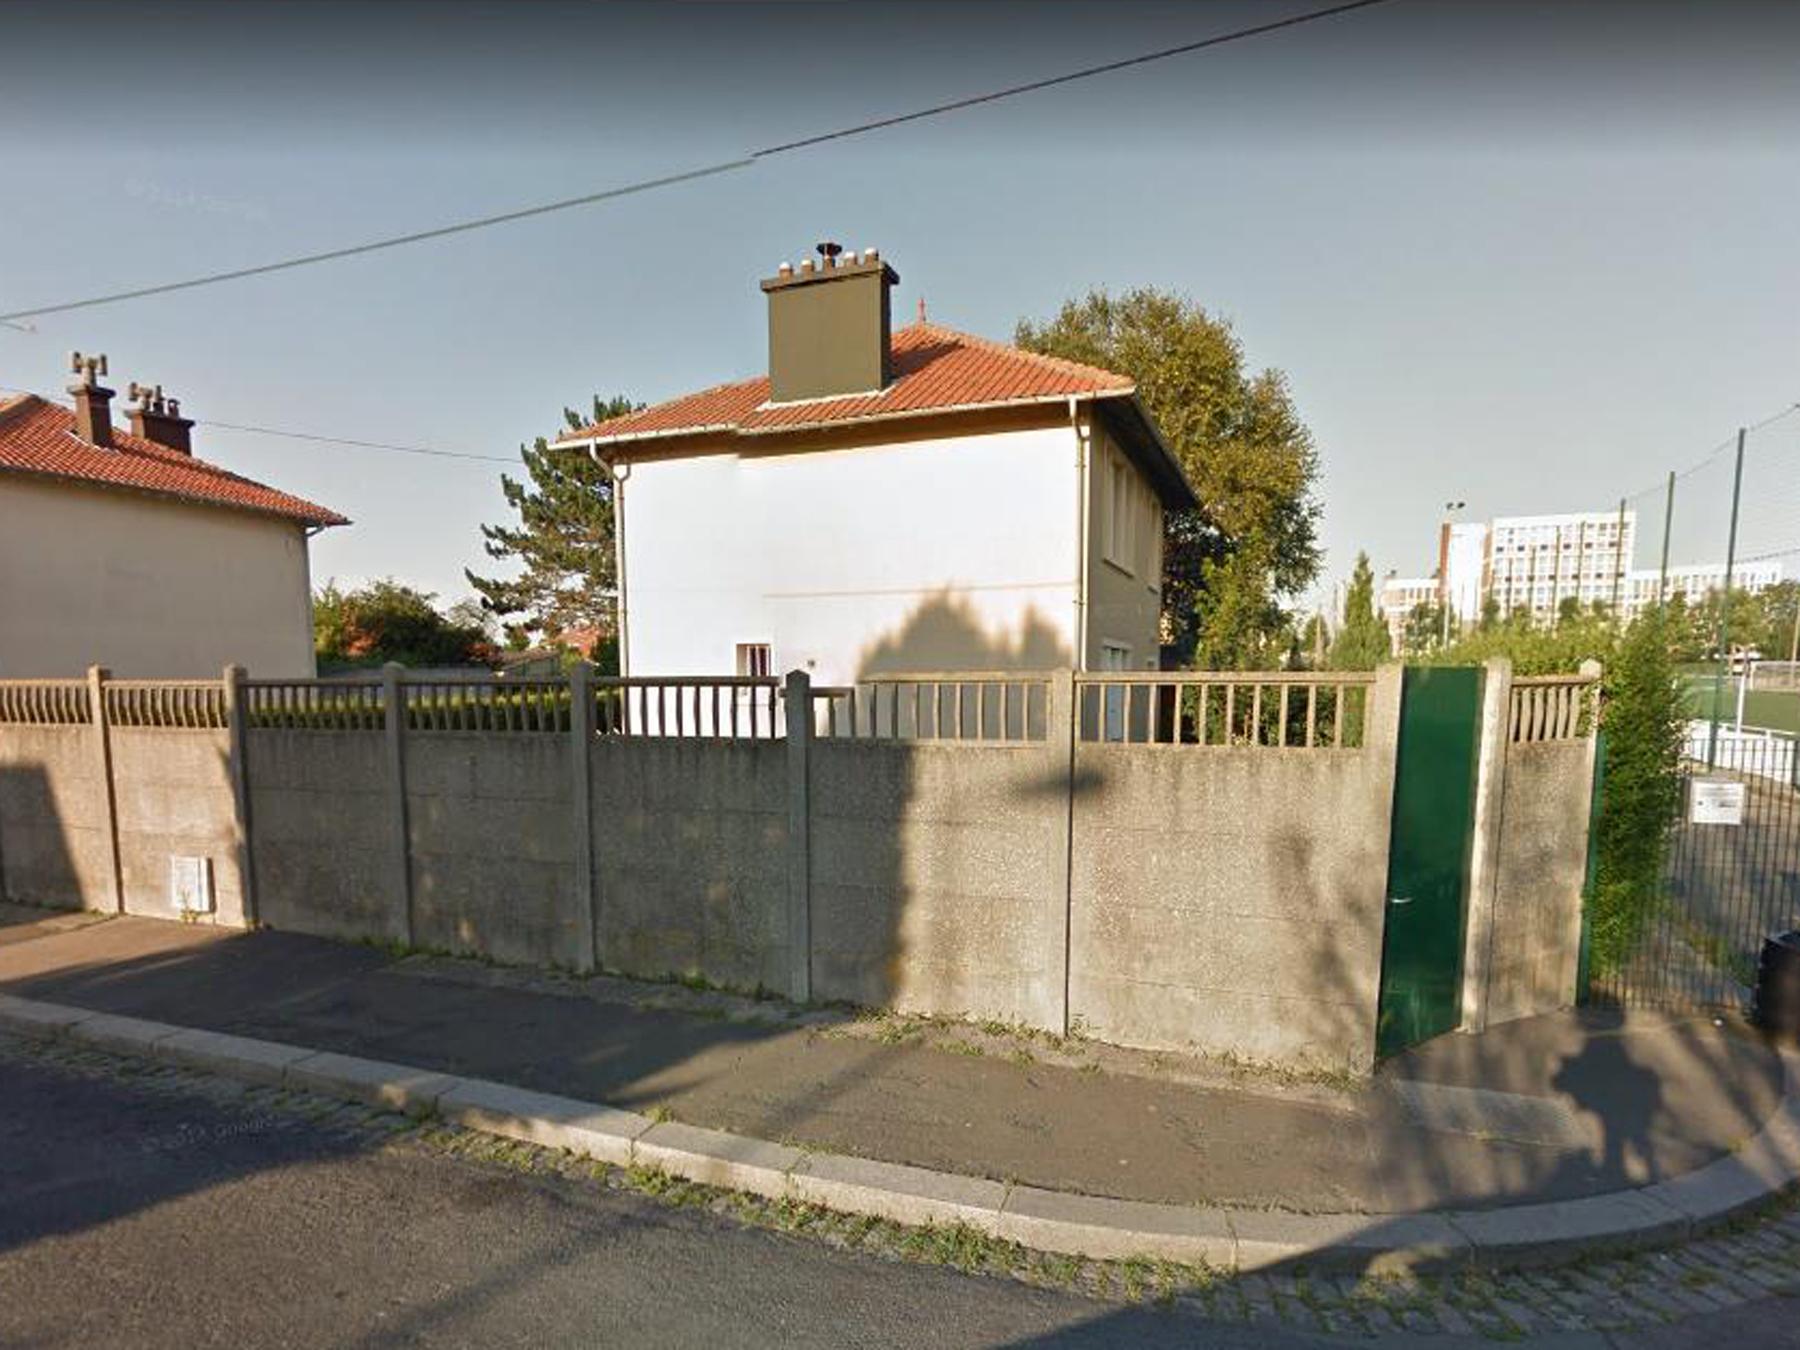 Ensemble immobilier situé au 38, rue de Balzac (Aplemont - Le Havre)